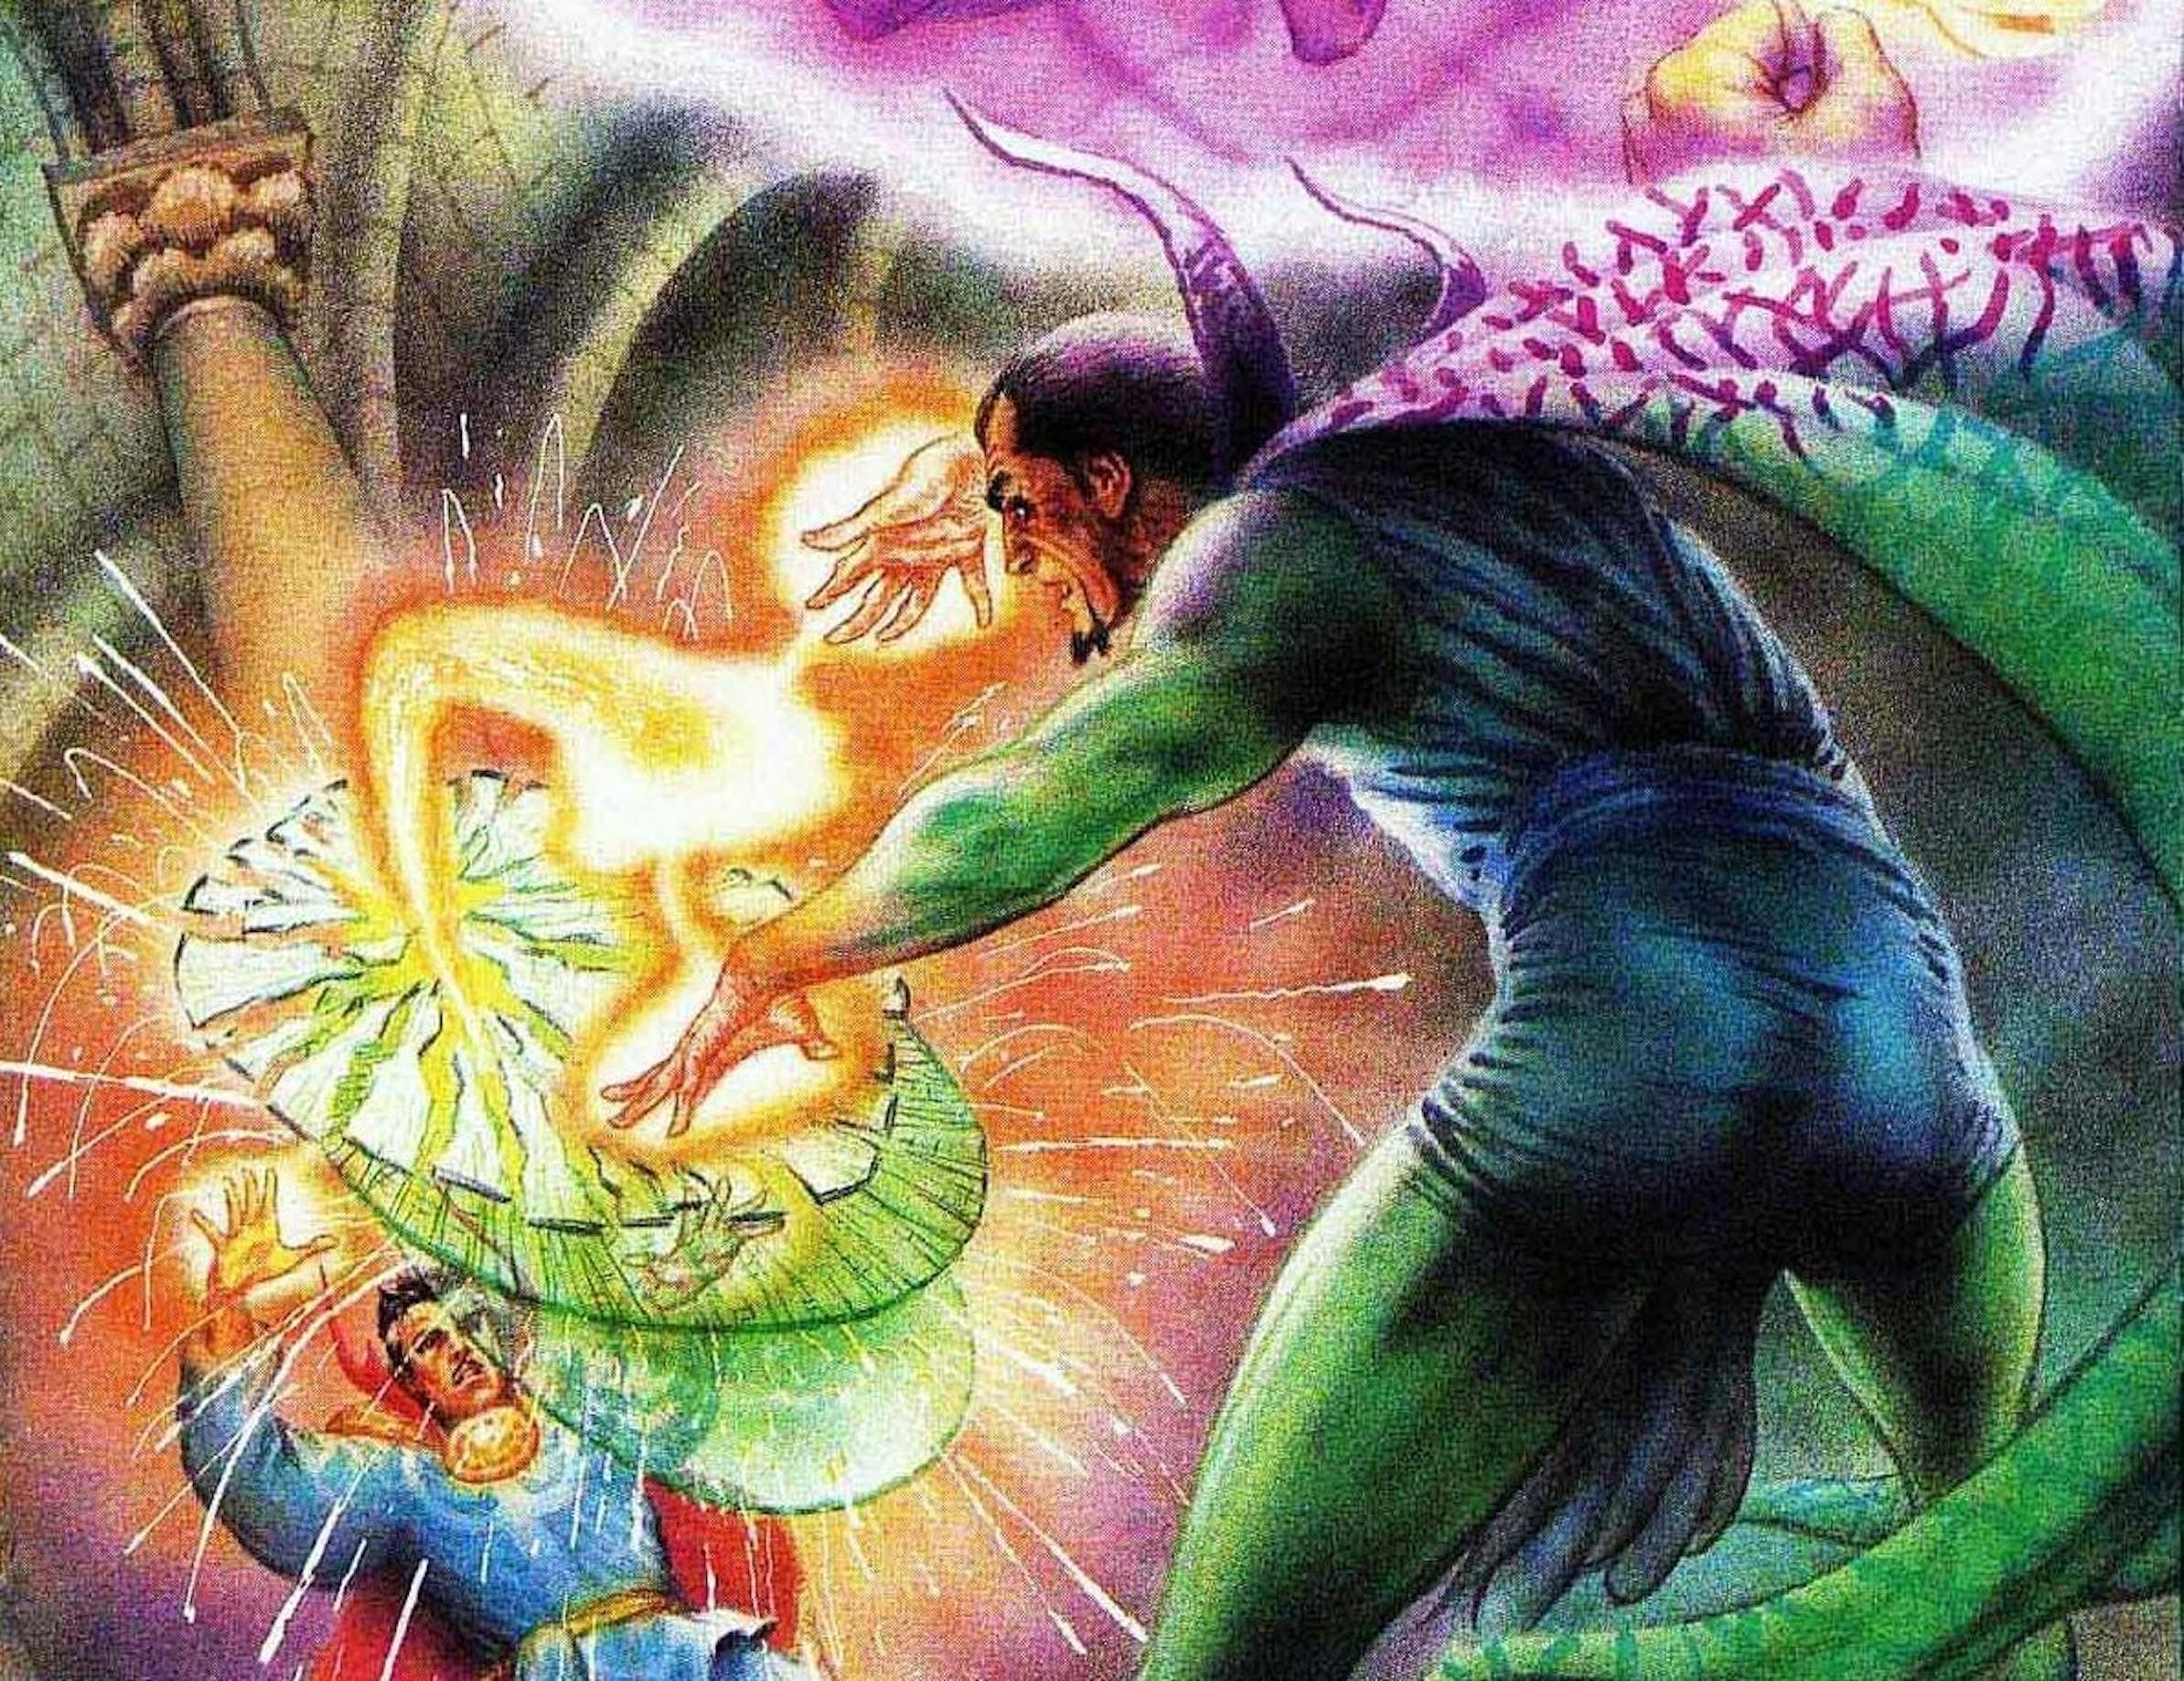 Doctor Strange vs. Baron Mordo